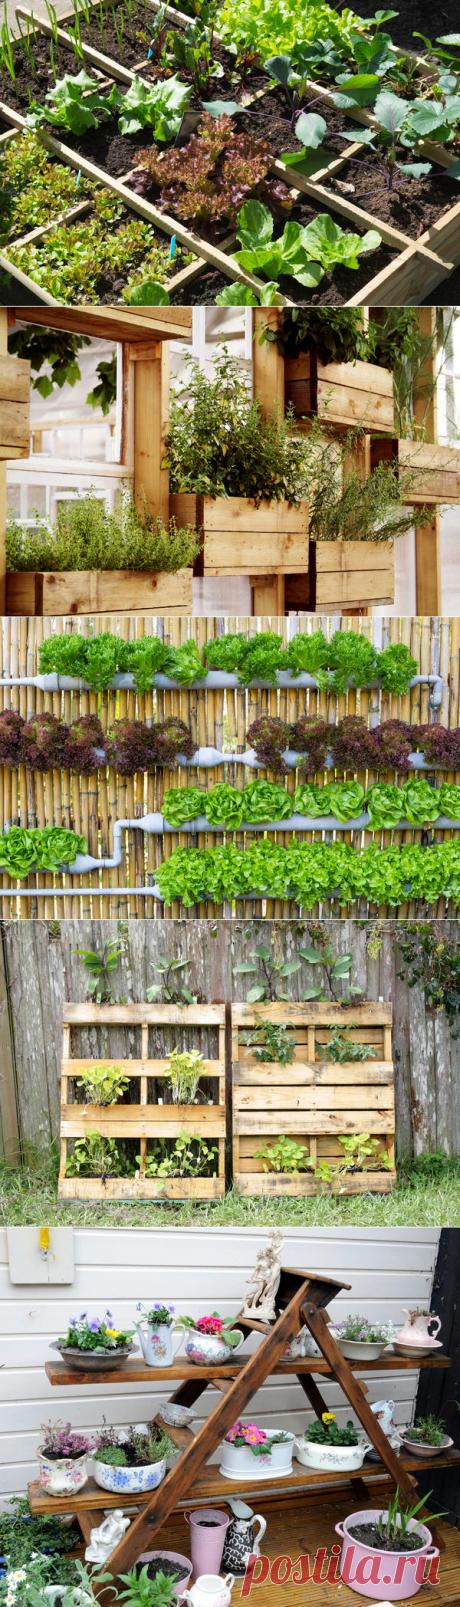 Идеи для контейнерных садов и огородов на небольшом участке / 7dach.ru